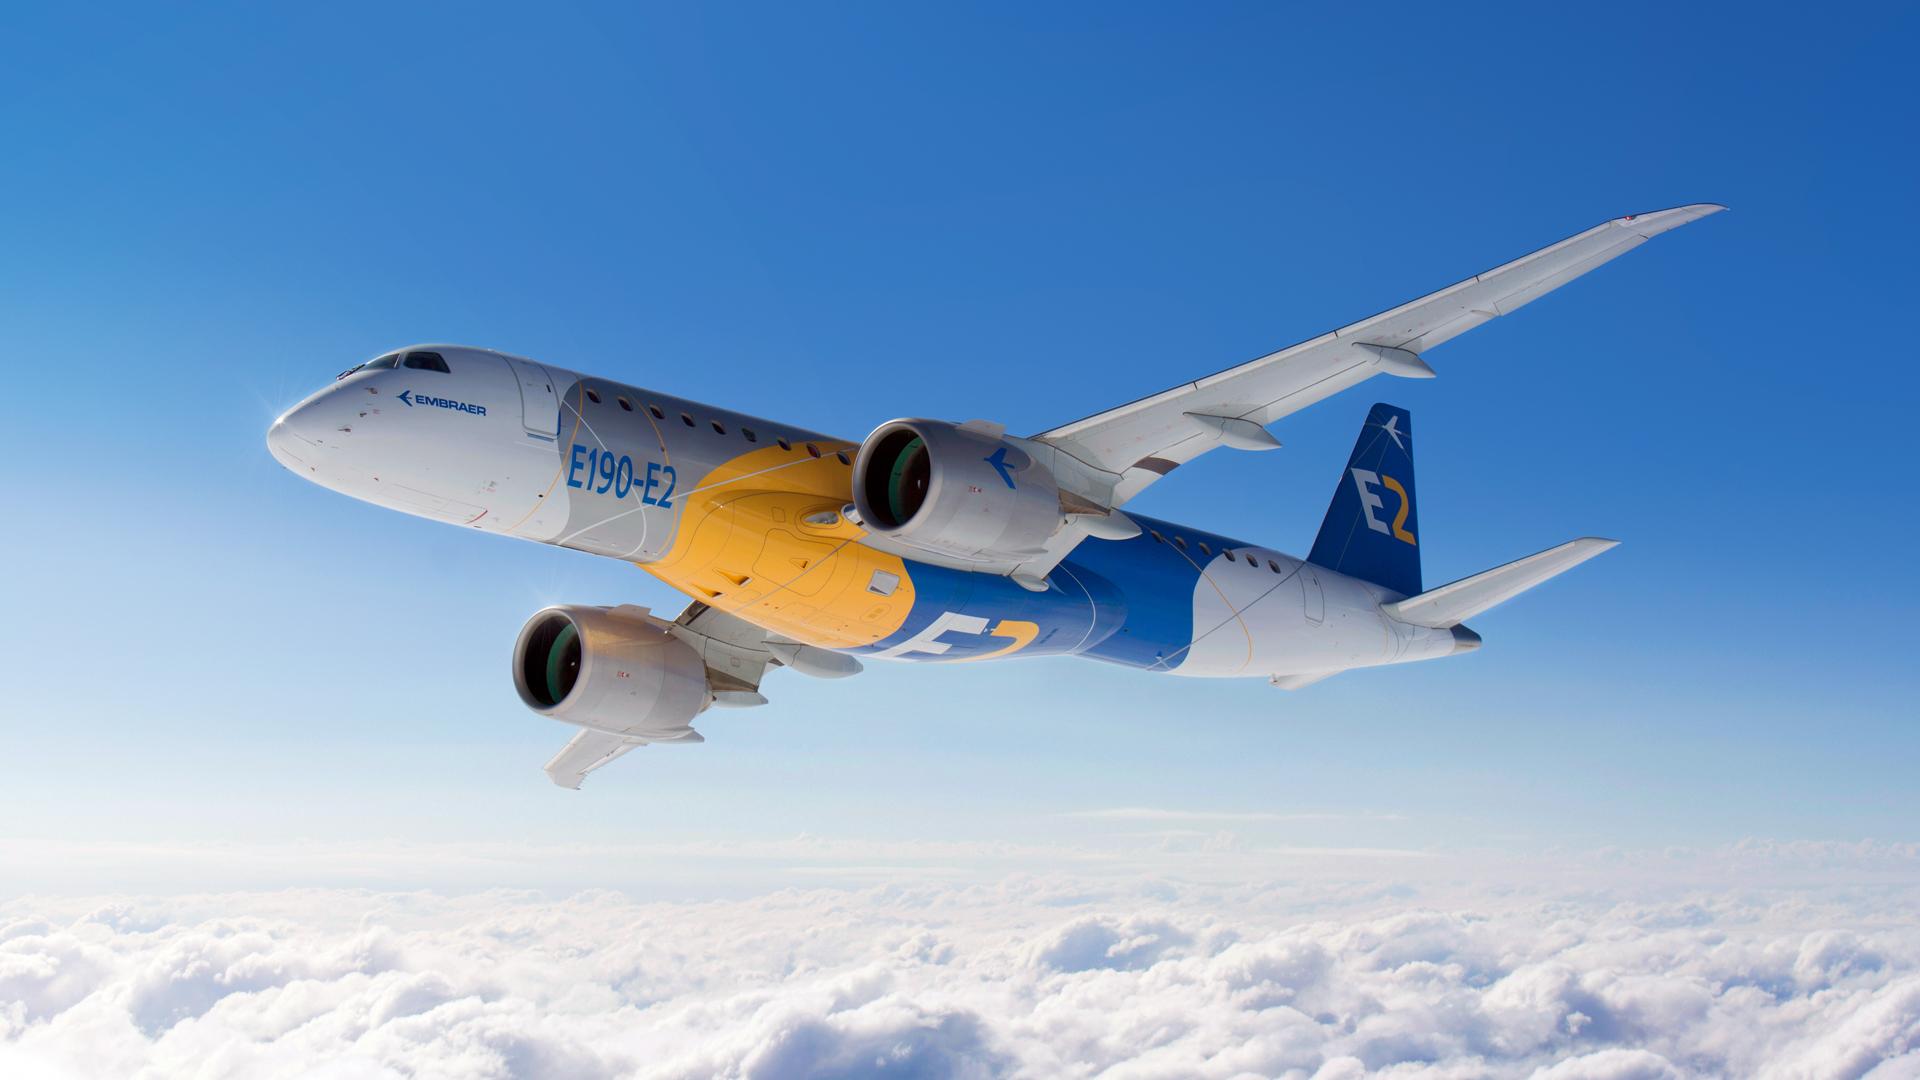 E190-E2 in flight